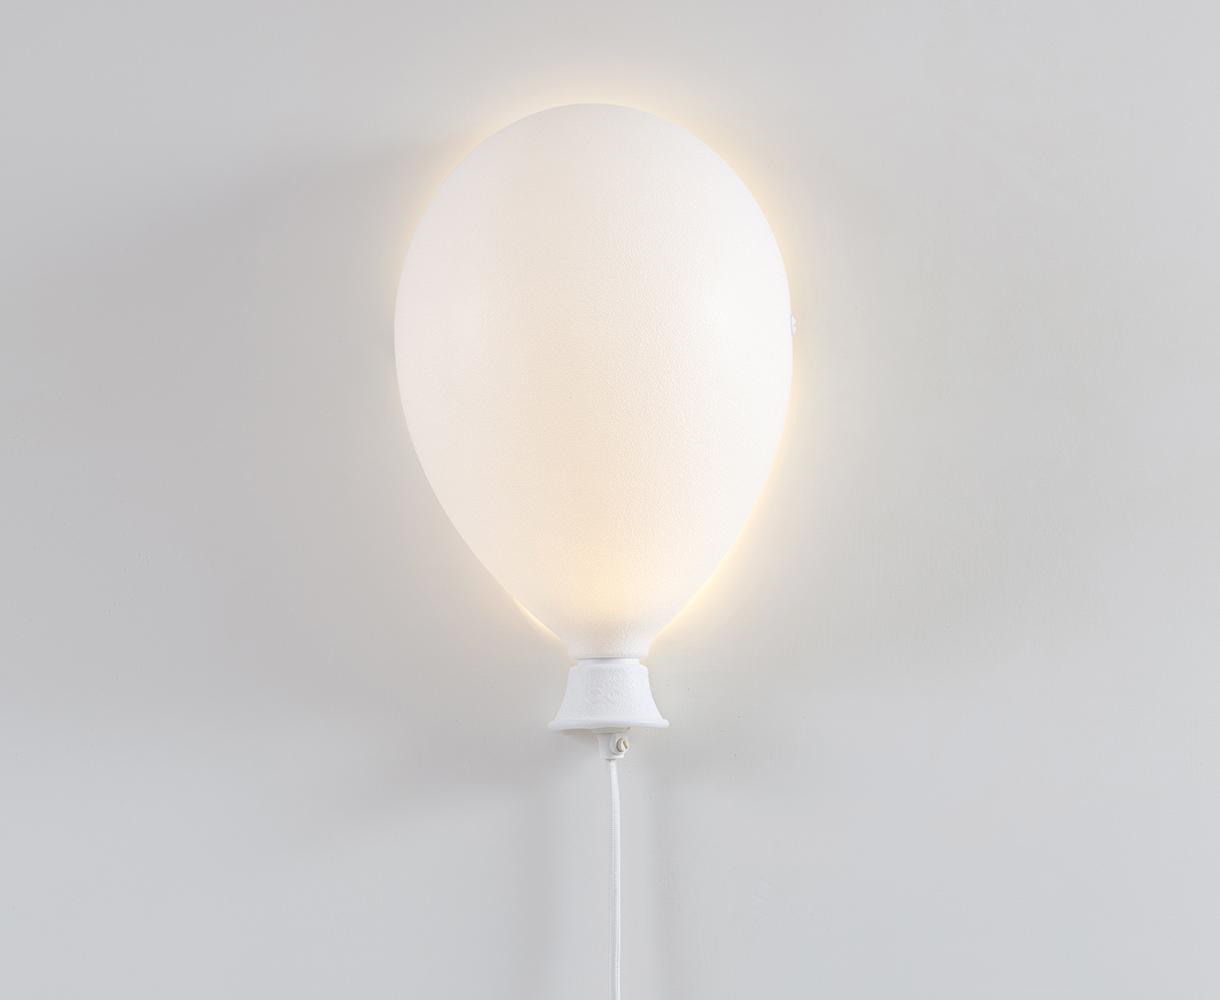 Lampa w kształcie balona.